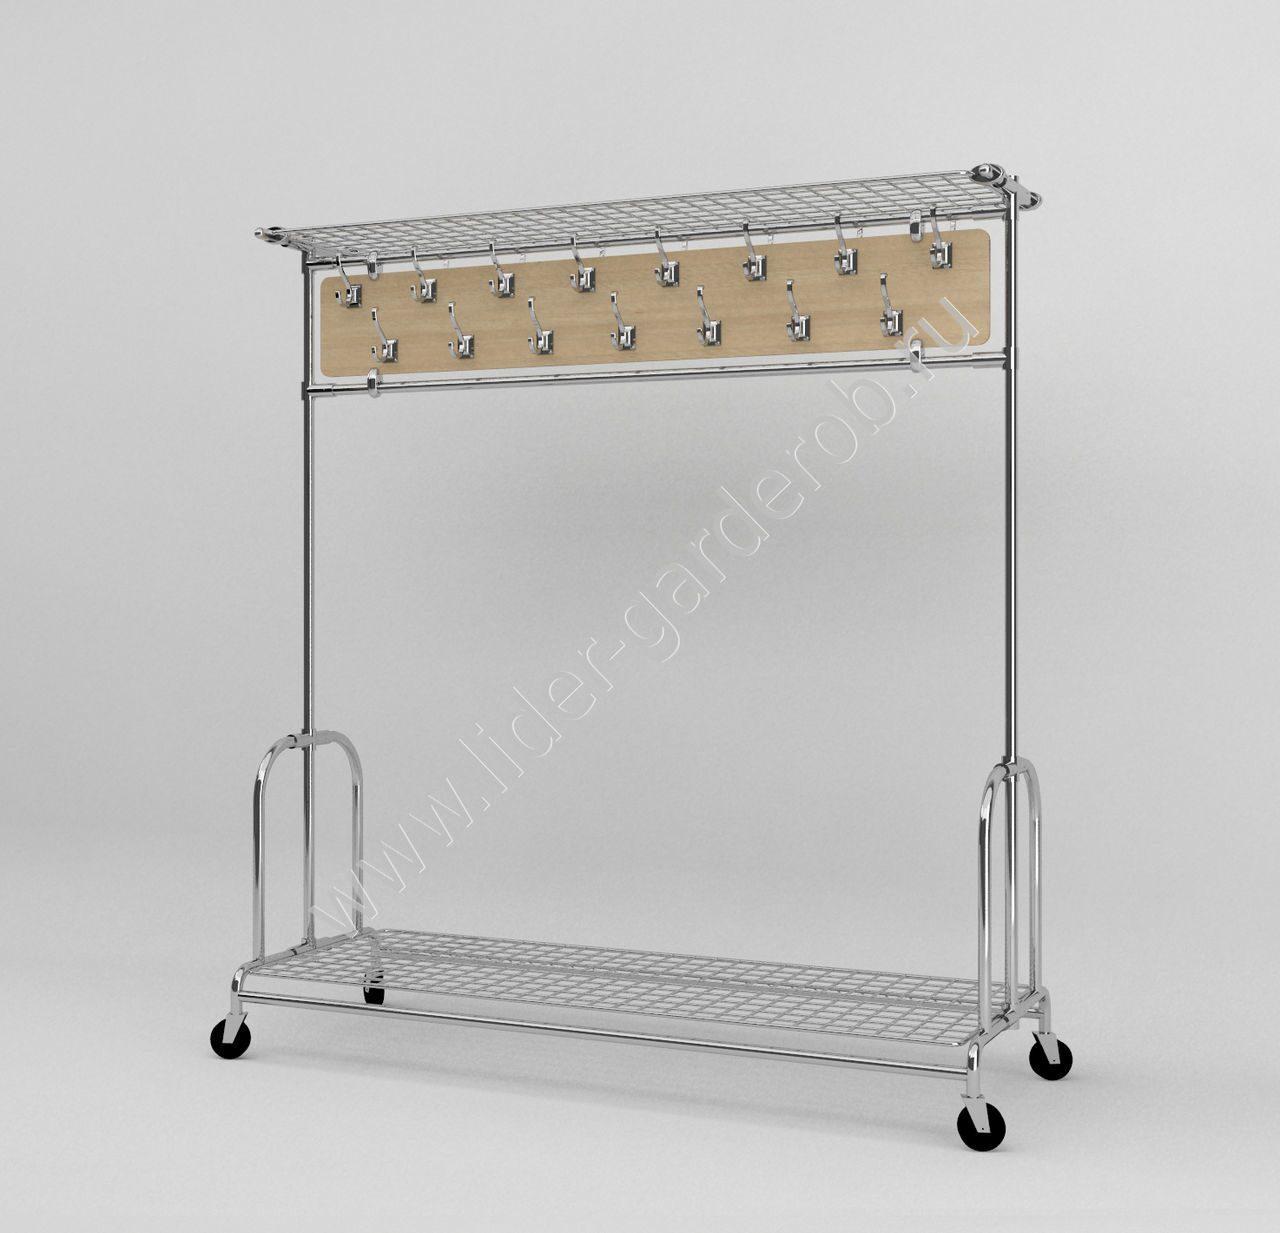 арт.003 Вешалка гардеробная передвижная на 30 кр с сетками под гол. уборы и ca07b9752c725